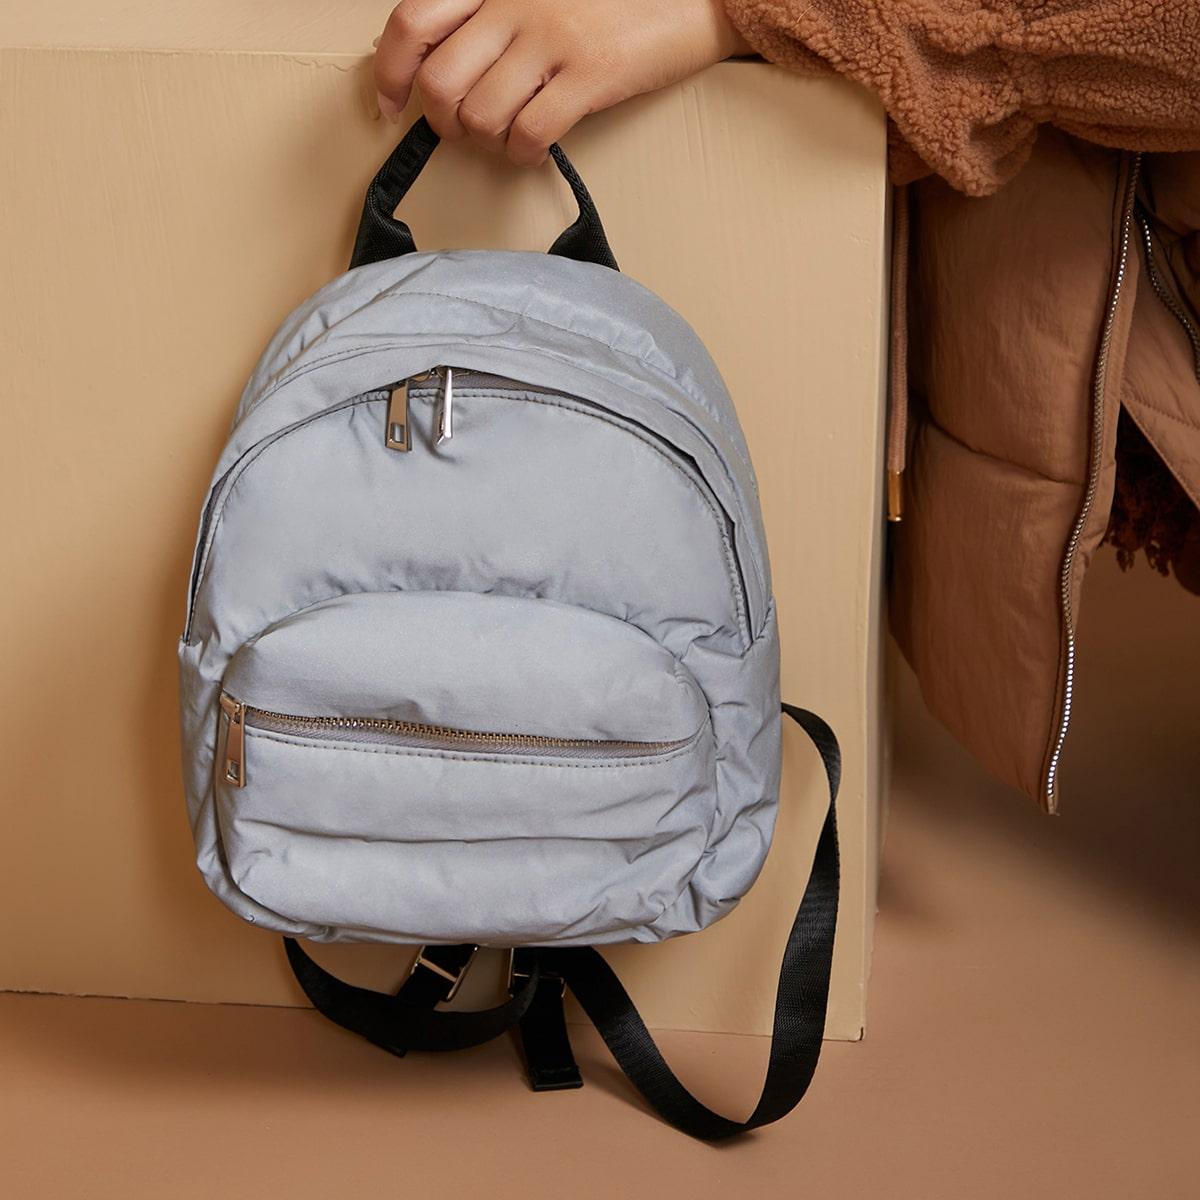 Регулируемый одноцветный модный рюкзак